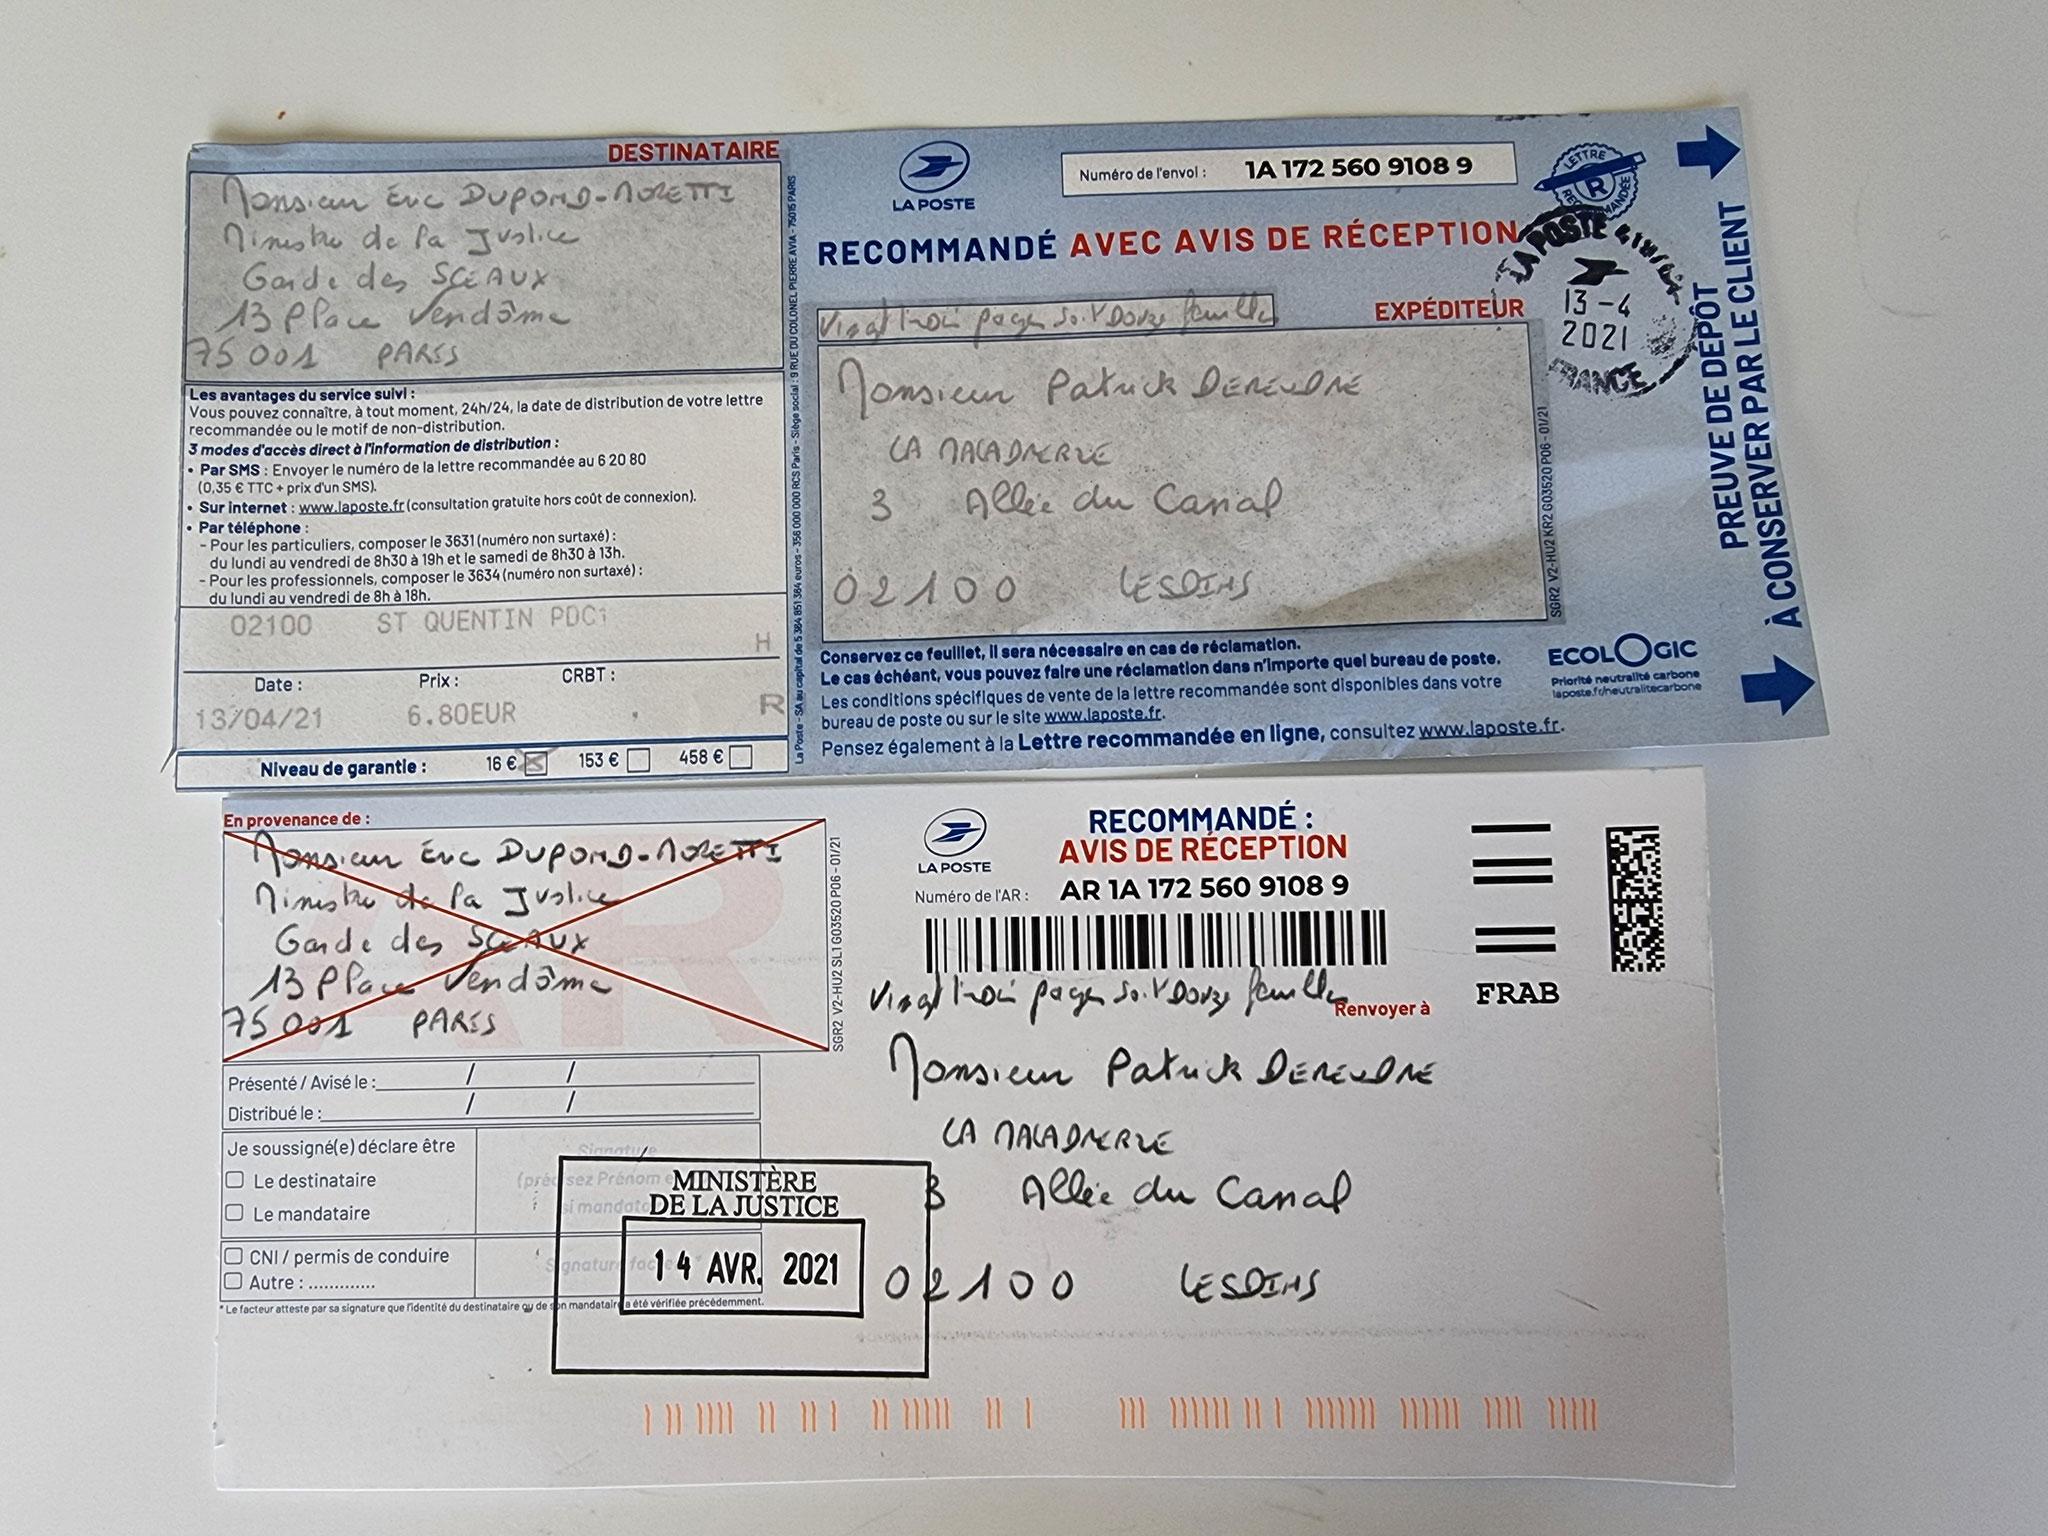 Monsieur Eric DUPOND-MORETTI Va t'il Briser la LOI DU SILENCE ? wwwjenesuispasunchien.fr www.jesuisvictime.fr www.jesuispatrick.fr PARJURE & CORRUPTION AU COEUR MÊME DE LA JUSTICE //LES MAFIAS CRIMINELLES EN BANDES ORGANISEES